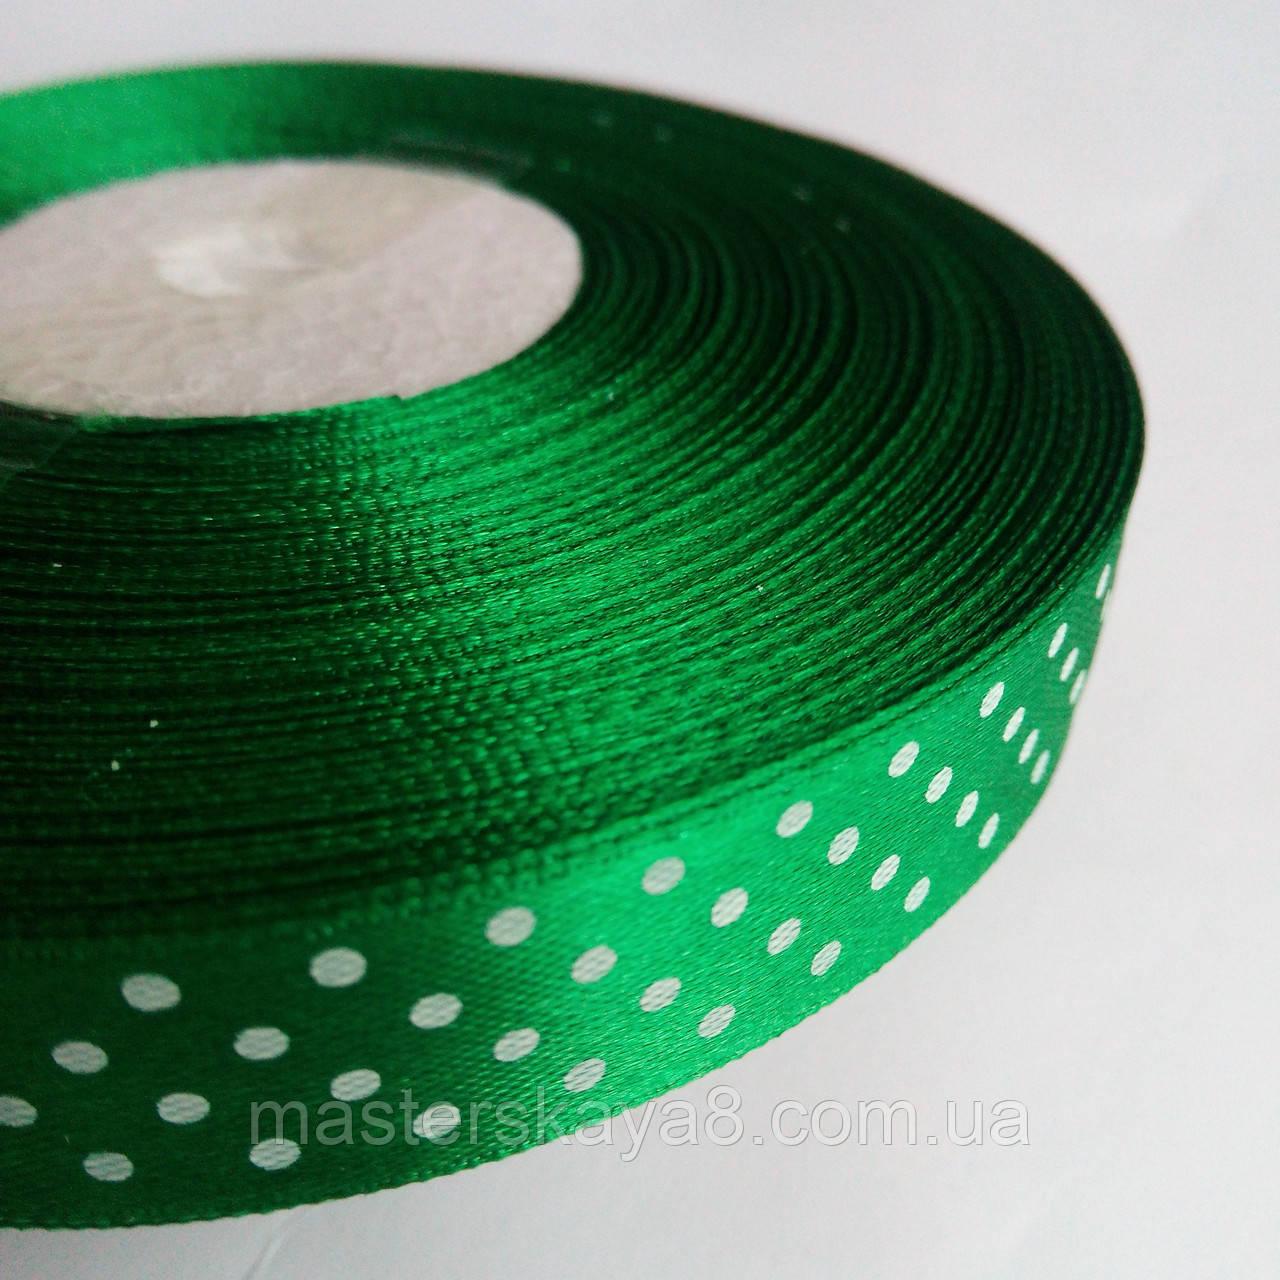 Лента атласная зелёная с горохом 1,5 см